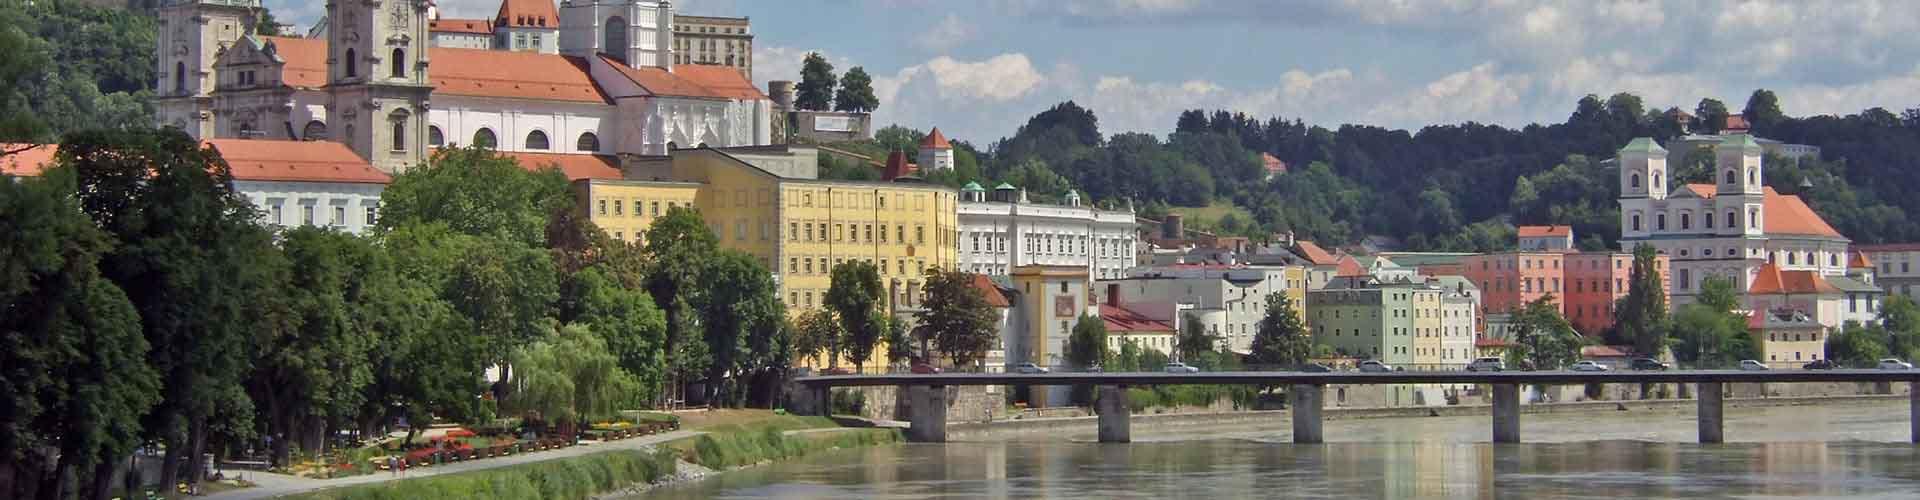 Passau - Auberges de jeunesse et chambres pas chères à Passau. Cartes de Passau, photos et commentaires pour chaque Auberge de jeunesse et chambre pas chère à Passau.